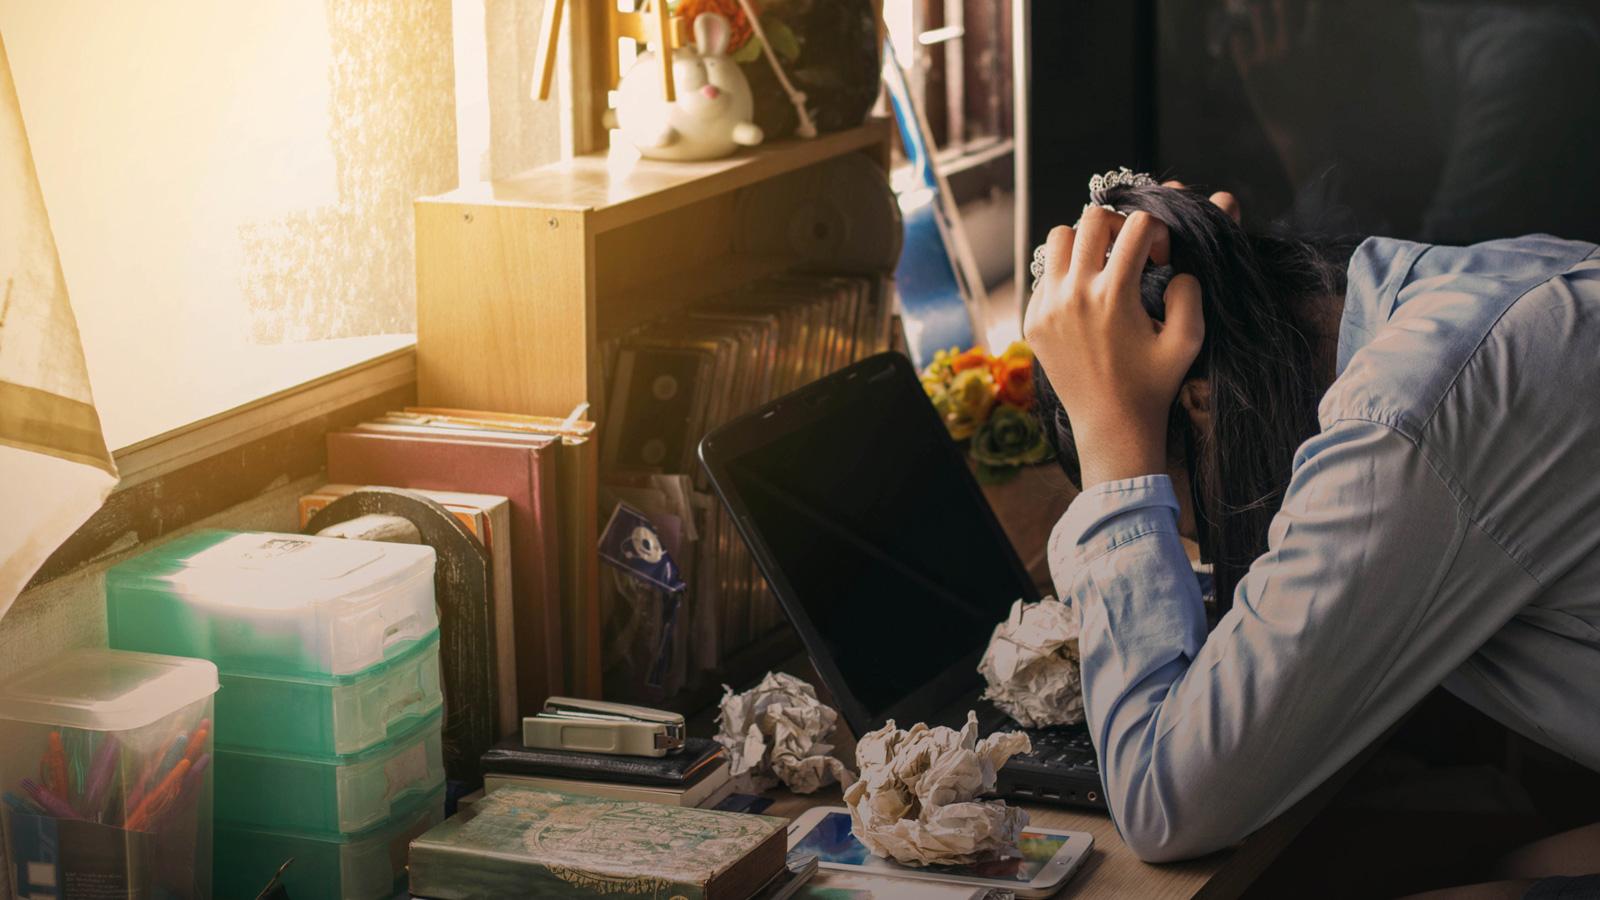 Nie daj się stresowi zostając w domu Praca zdalna mediarun stress work 2020